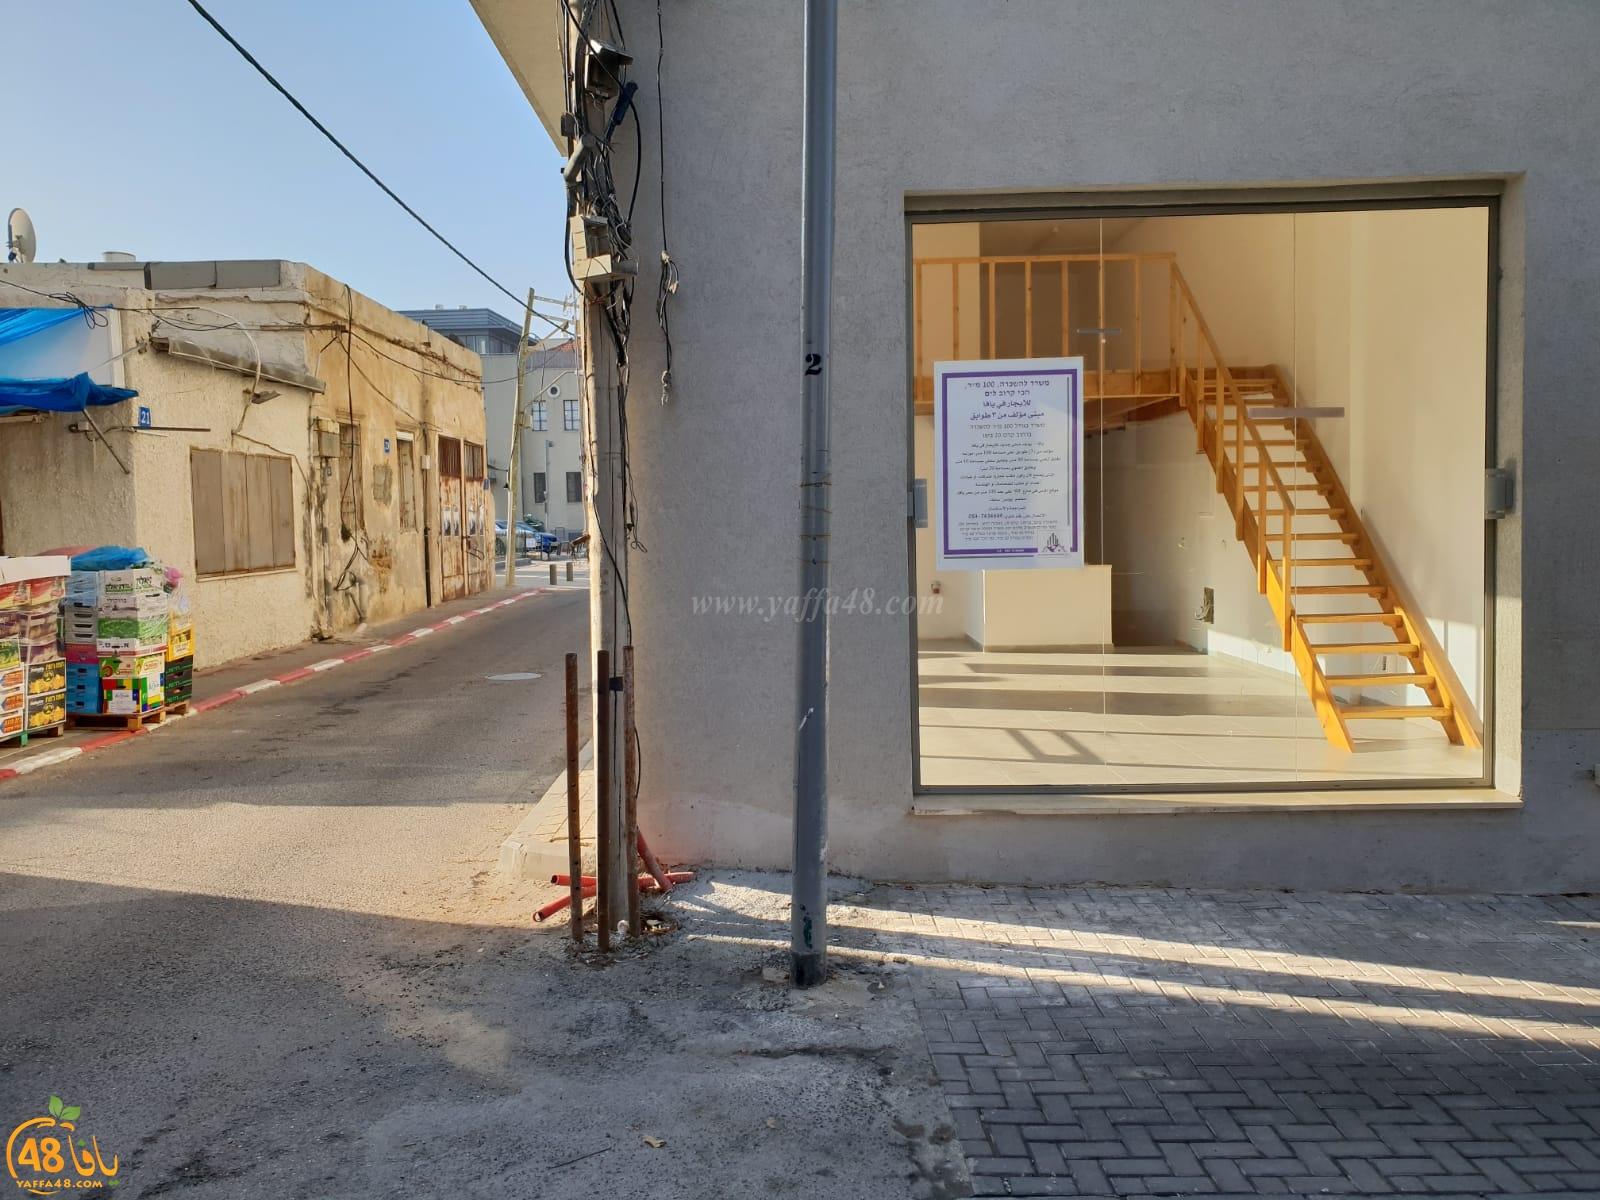 مكتب للايجار مكوّن من 3 طوابق في يافا - اضغطوا للتفاصيل